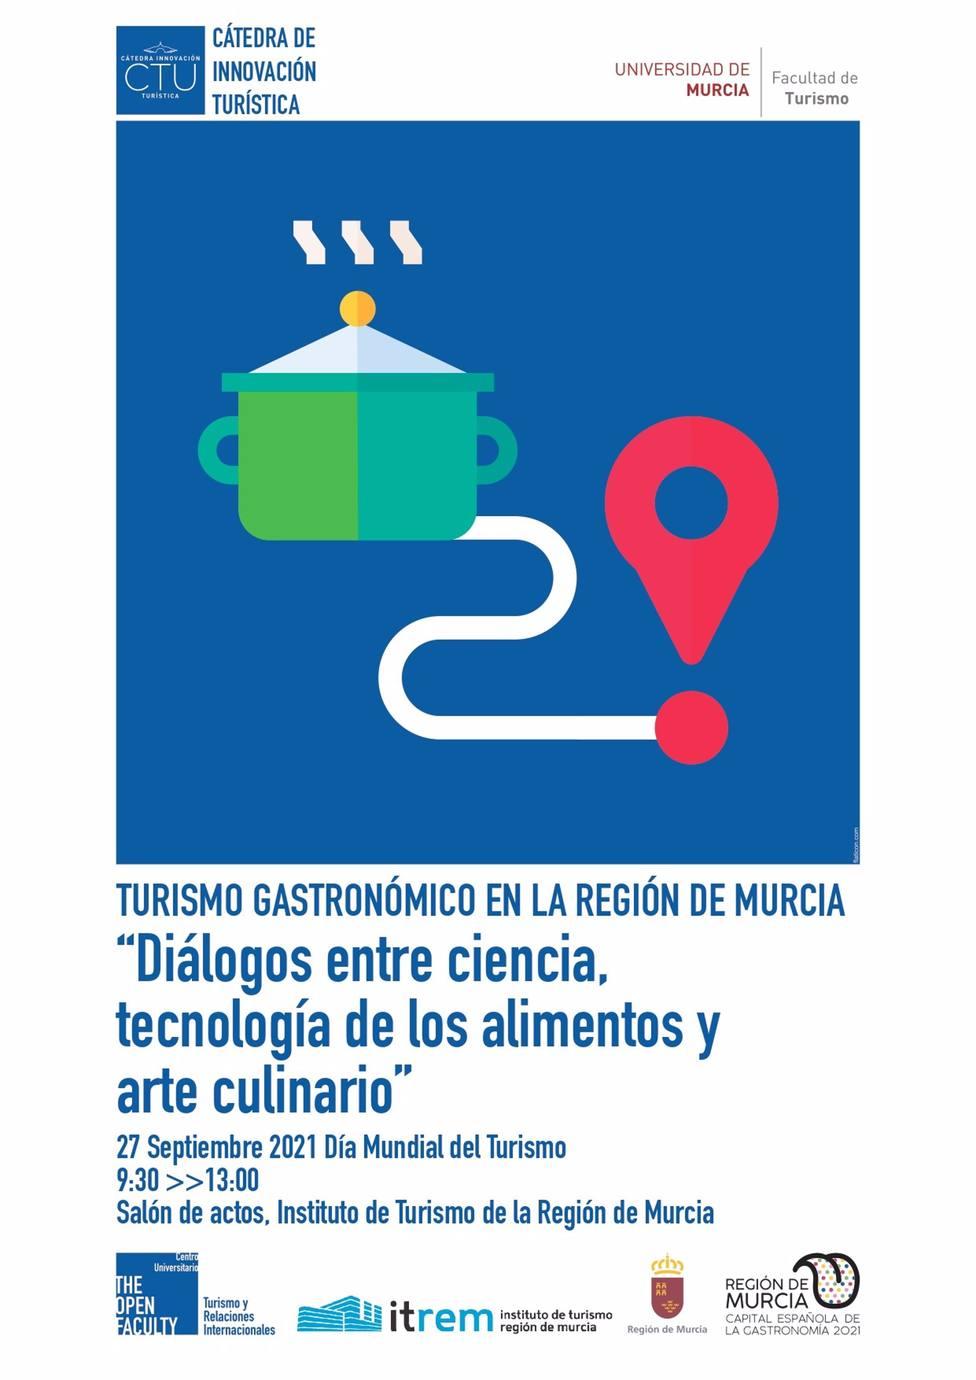 Cátedra de Turismo y el ITREM organizan este lunes un seminario gastronómico como componente de un turismo sostenible